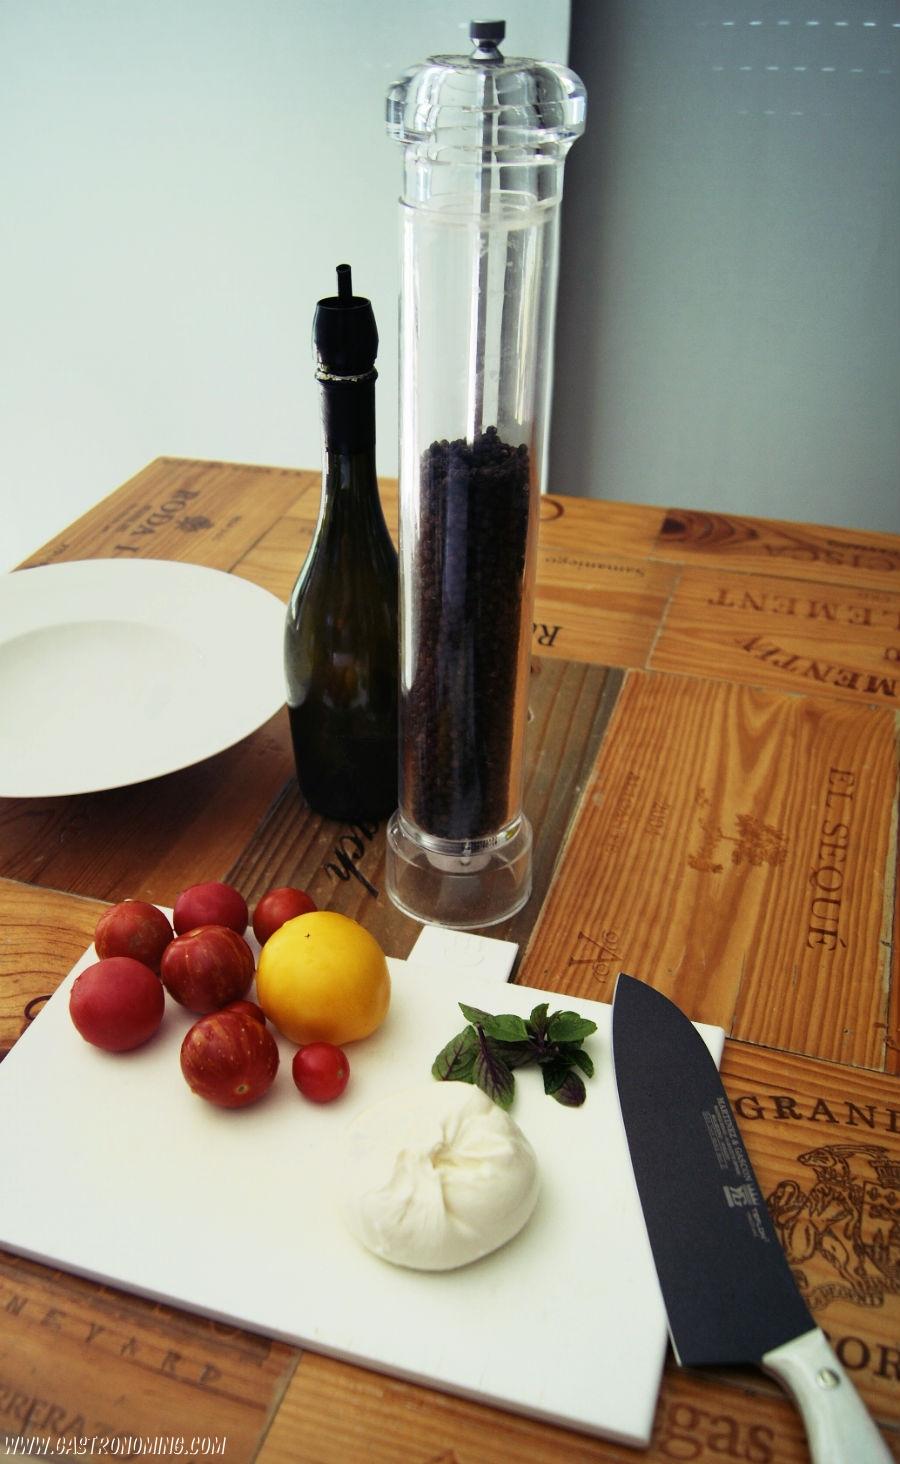 Ensalada de burrata, tomates y albahaca fresca